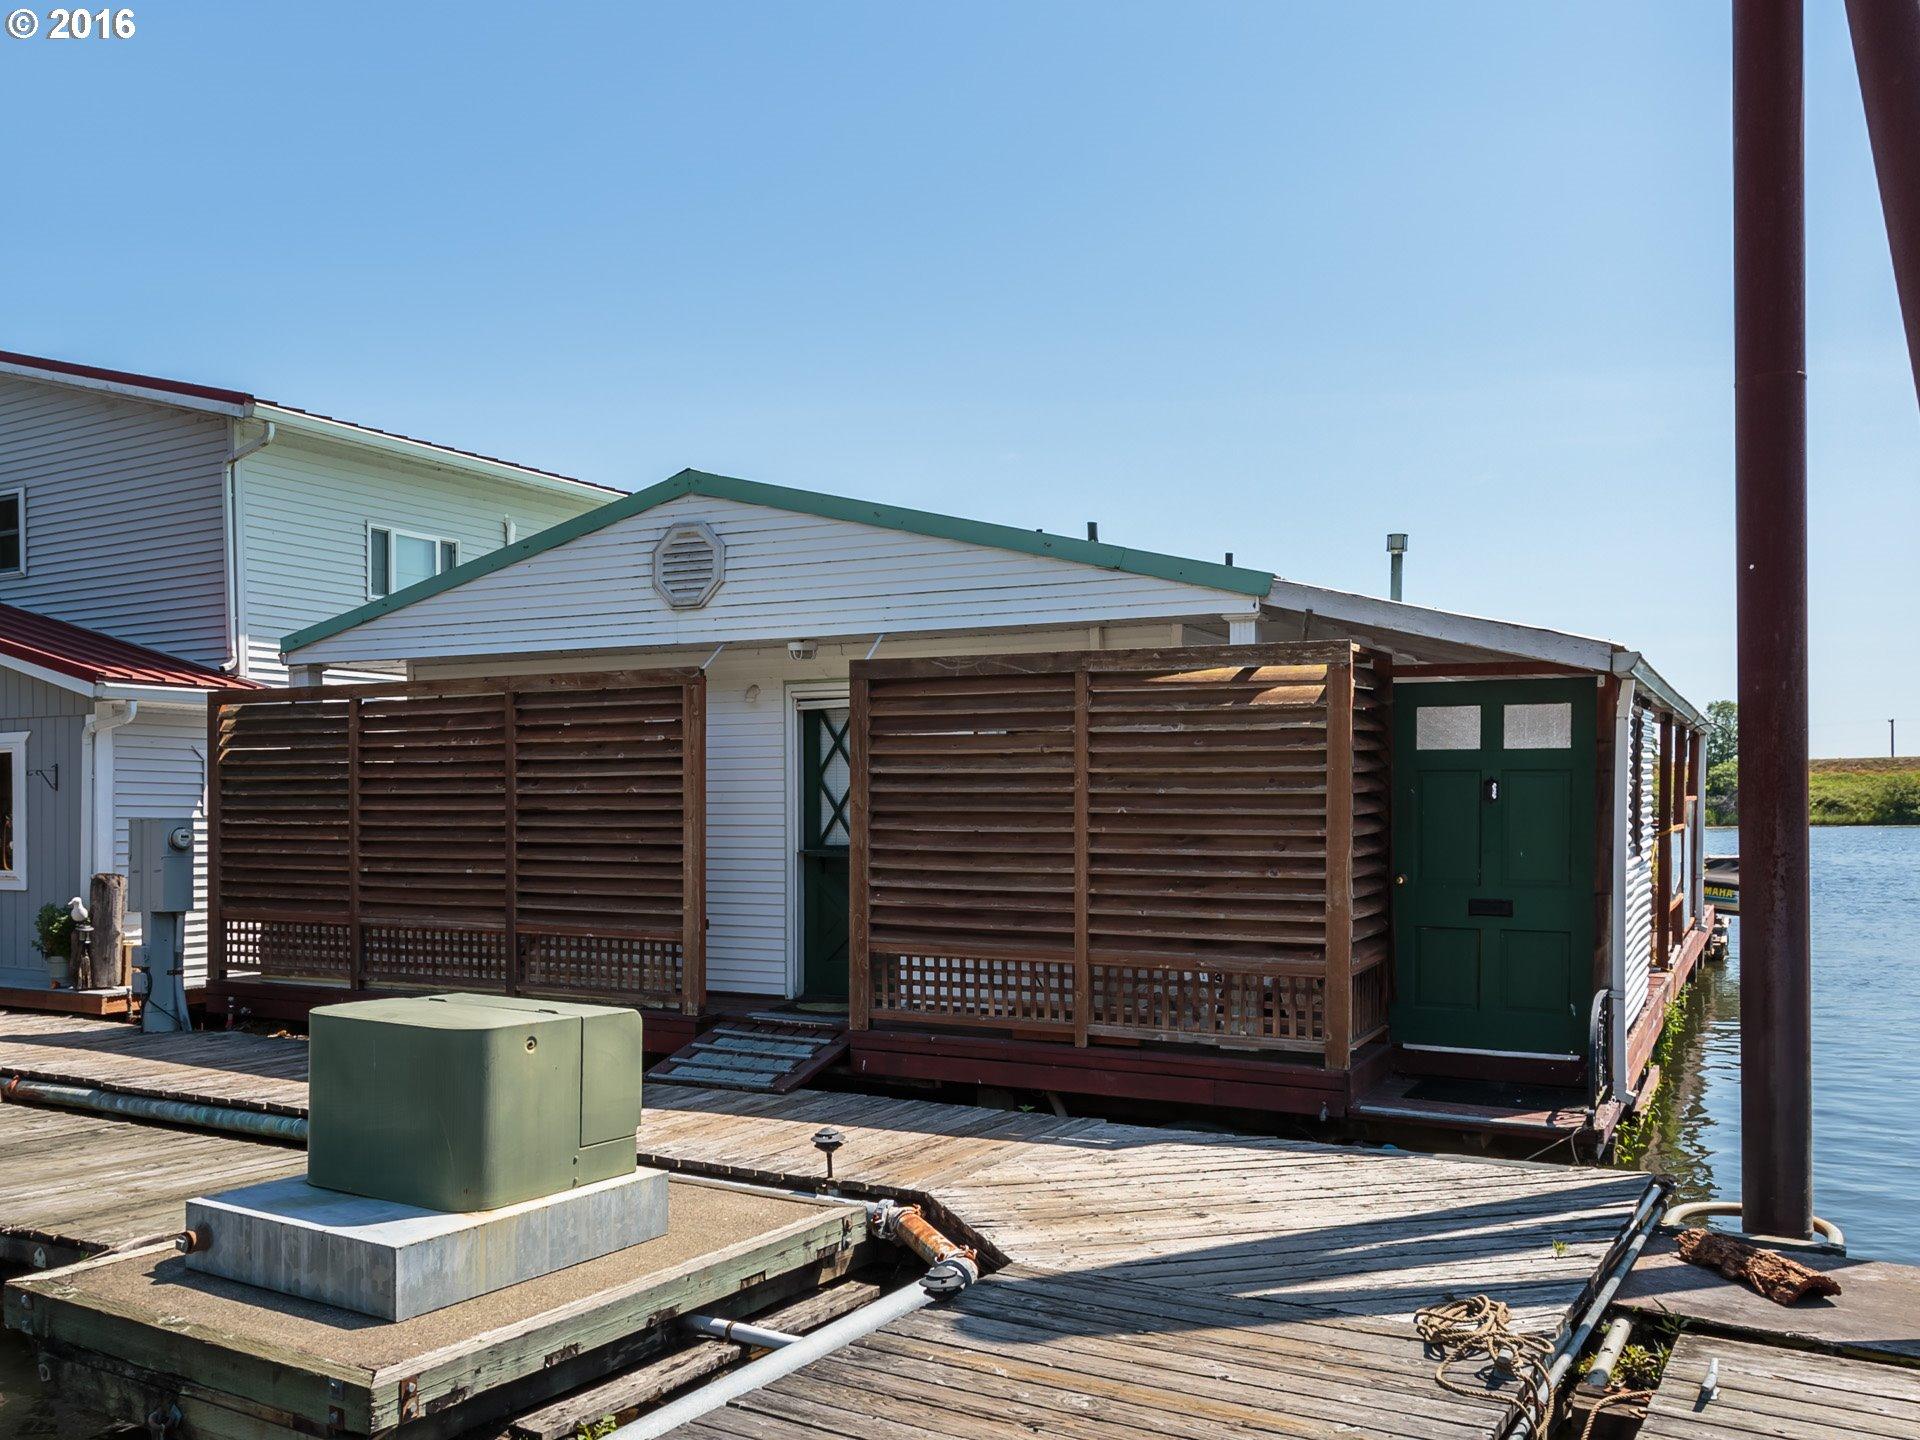 floating homes for sale in portland oregon houseboats moorages and floating homes in portland